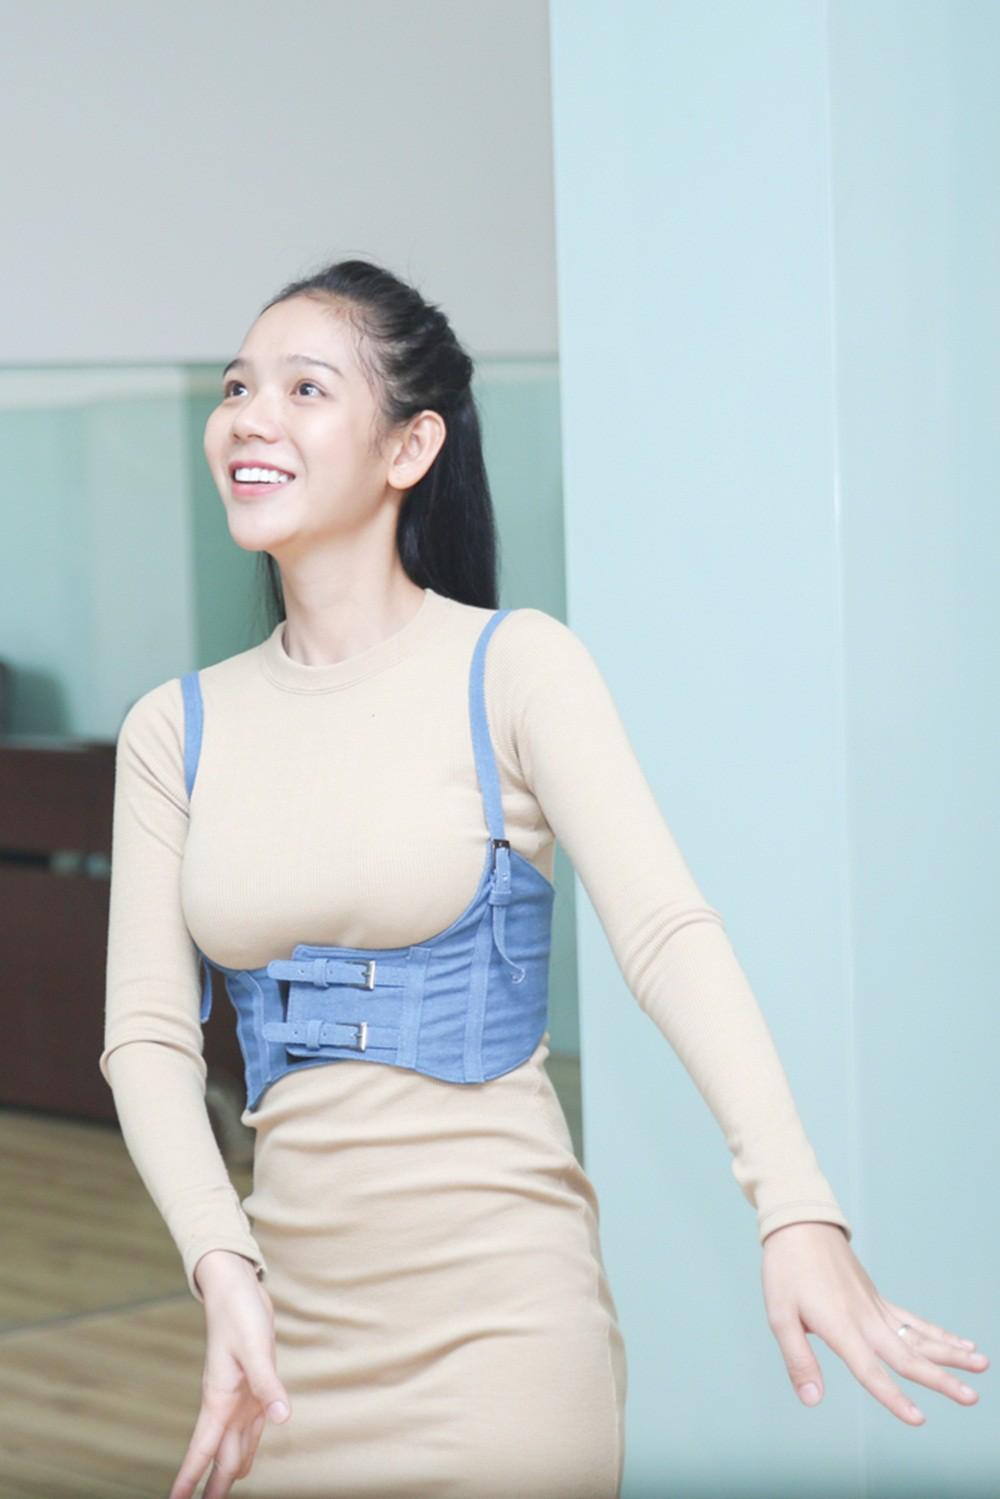 Chiêm ngưỡng nhan sắc ít son phấn và vóc dáng của các mỹ nhân chuyển giới kế nhiệm Hương Giang - Ảnh 7.